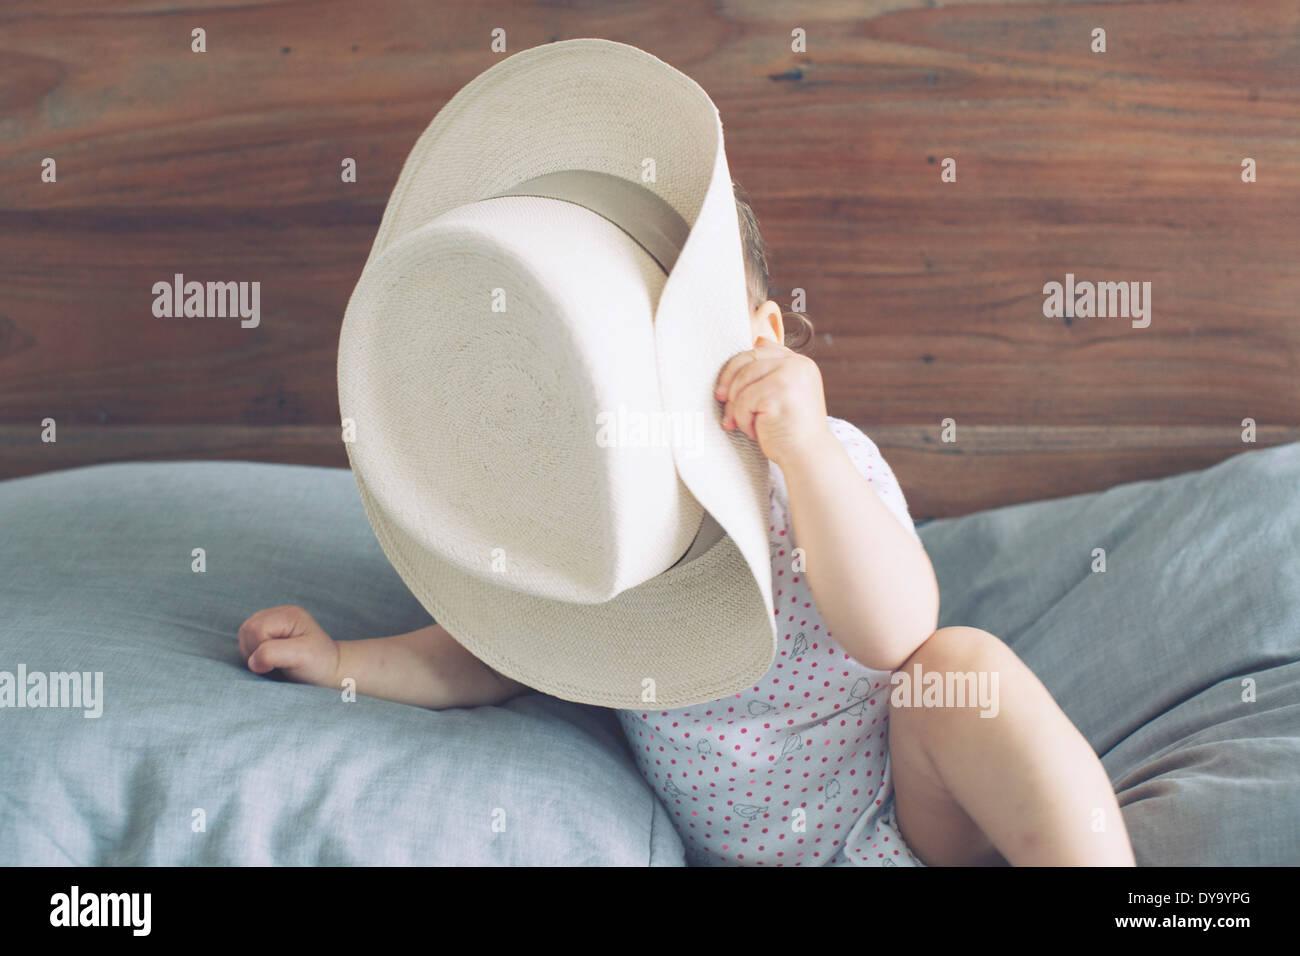 Bébé avec visage obscurci par de grands hat Photo Stock